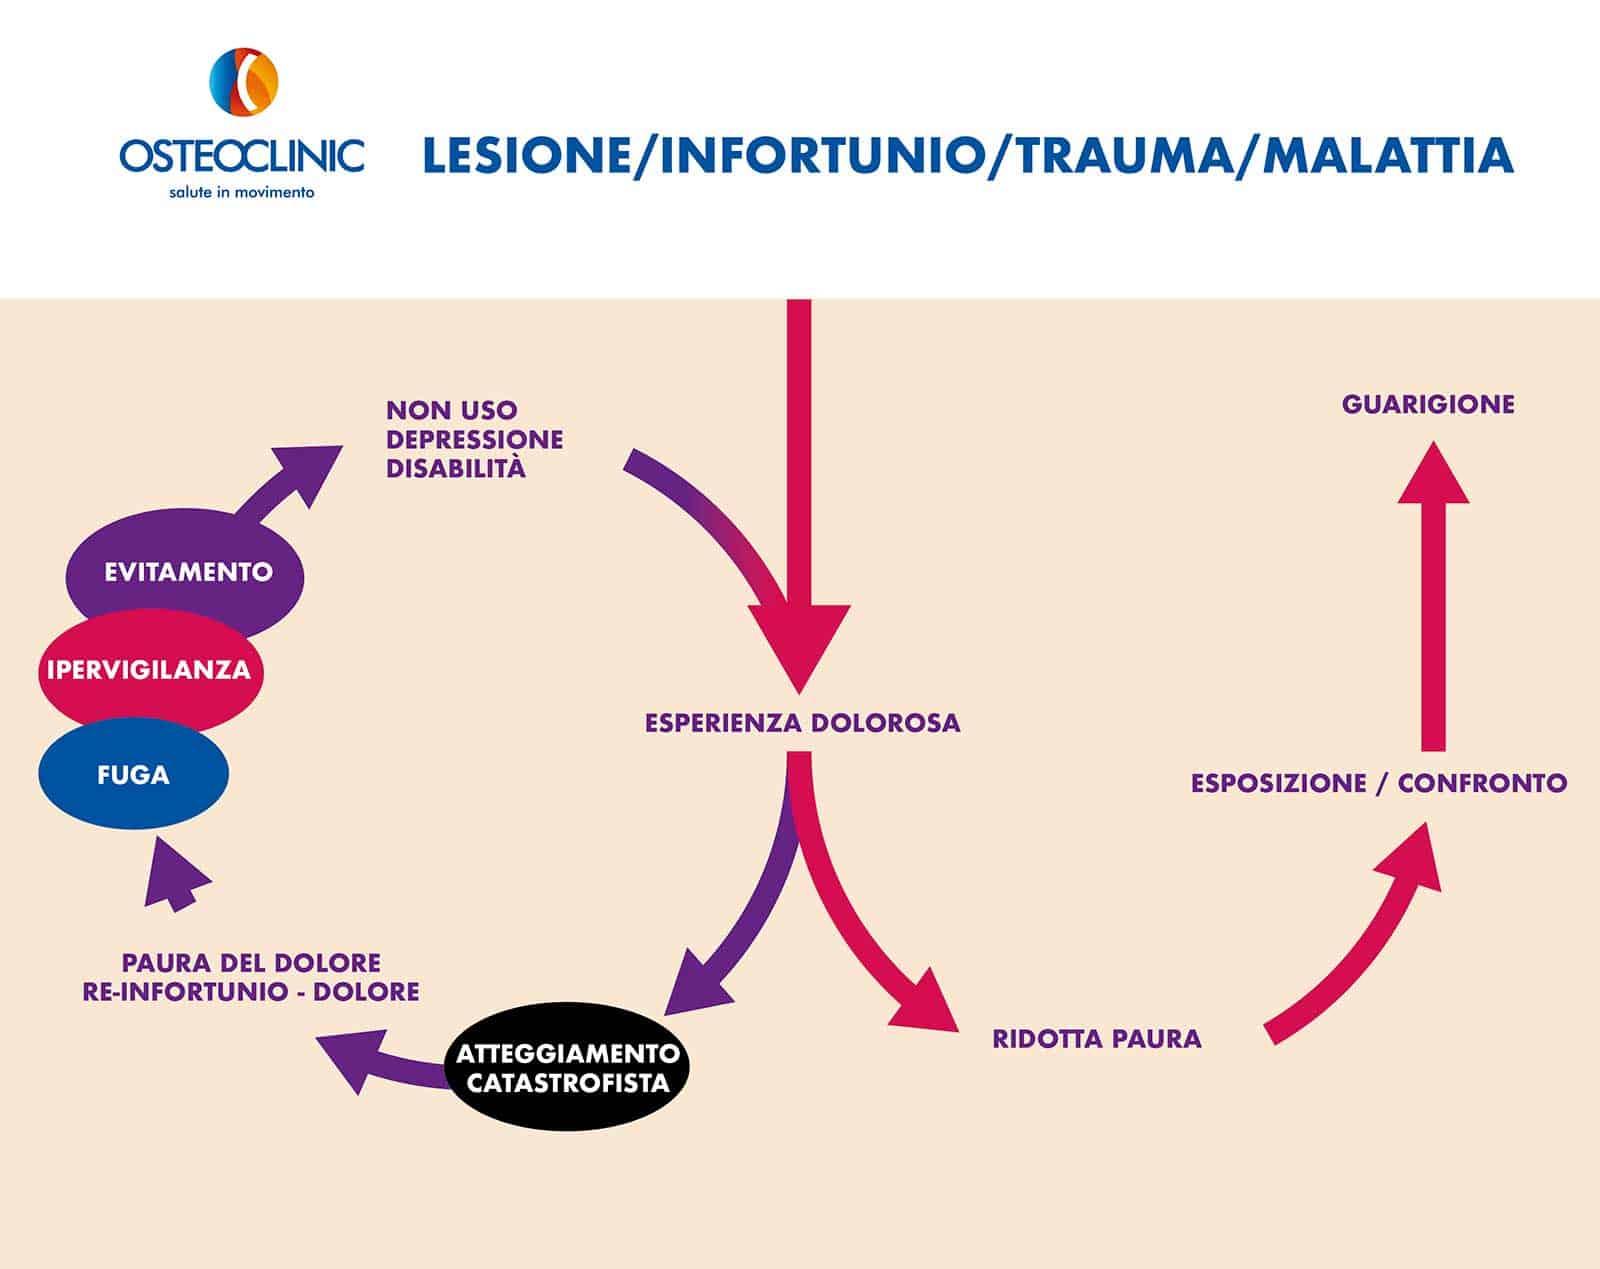 Evitamento del dolore in psicologia e riabilitazione